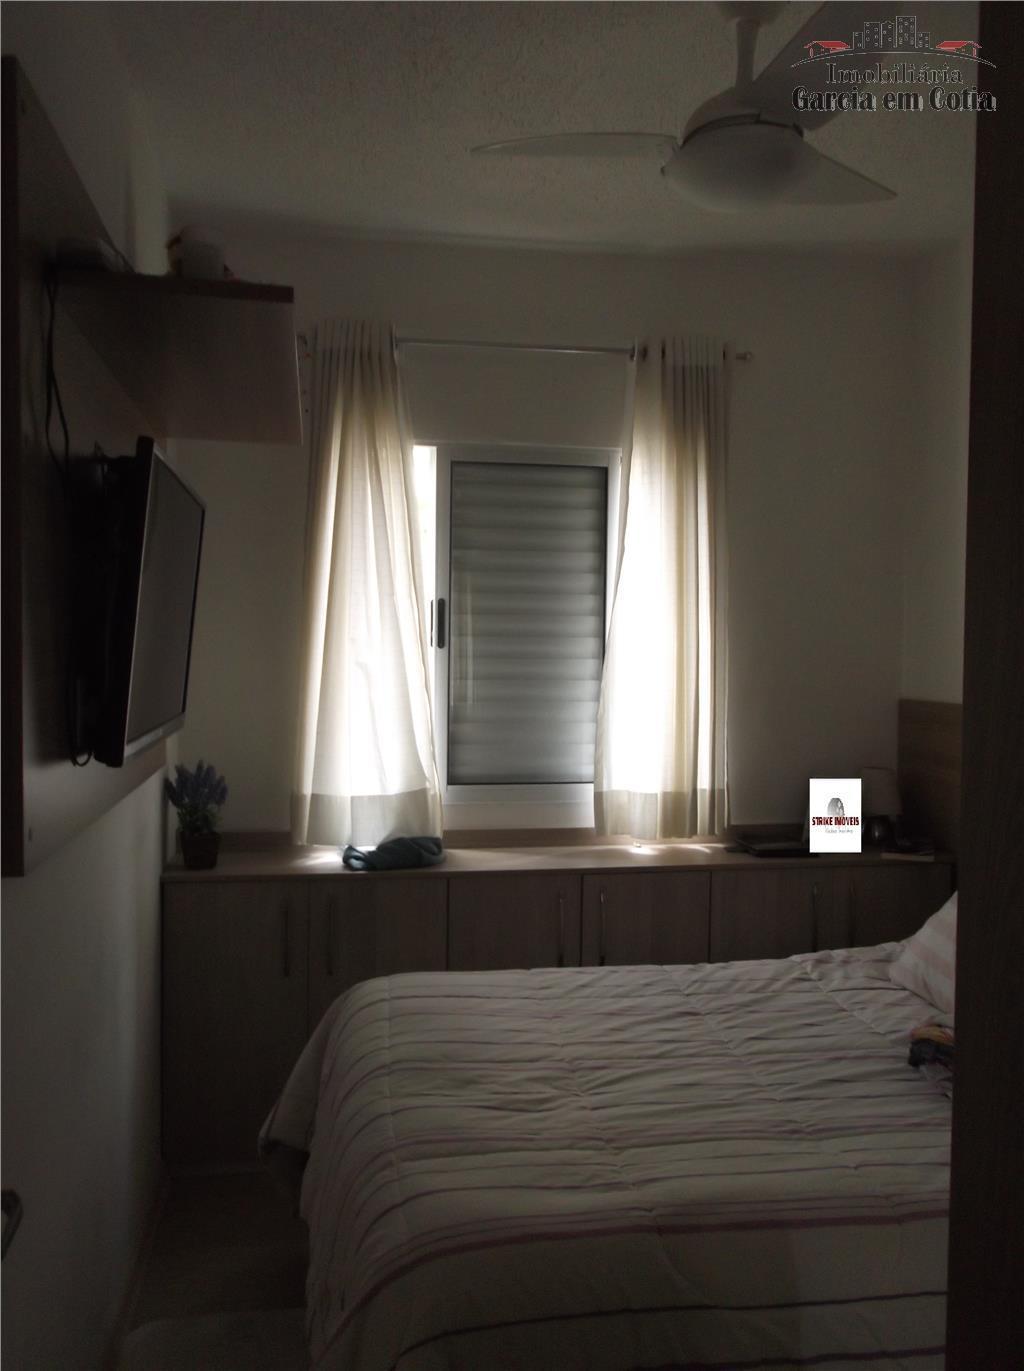 excelente apartamento semi mobiliado com 02 dormitórios ambos com móveis planejados, piso laminado, sala com painel...